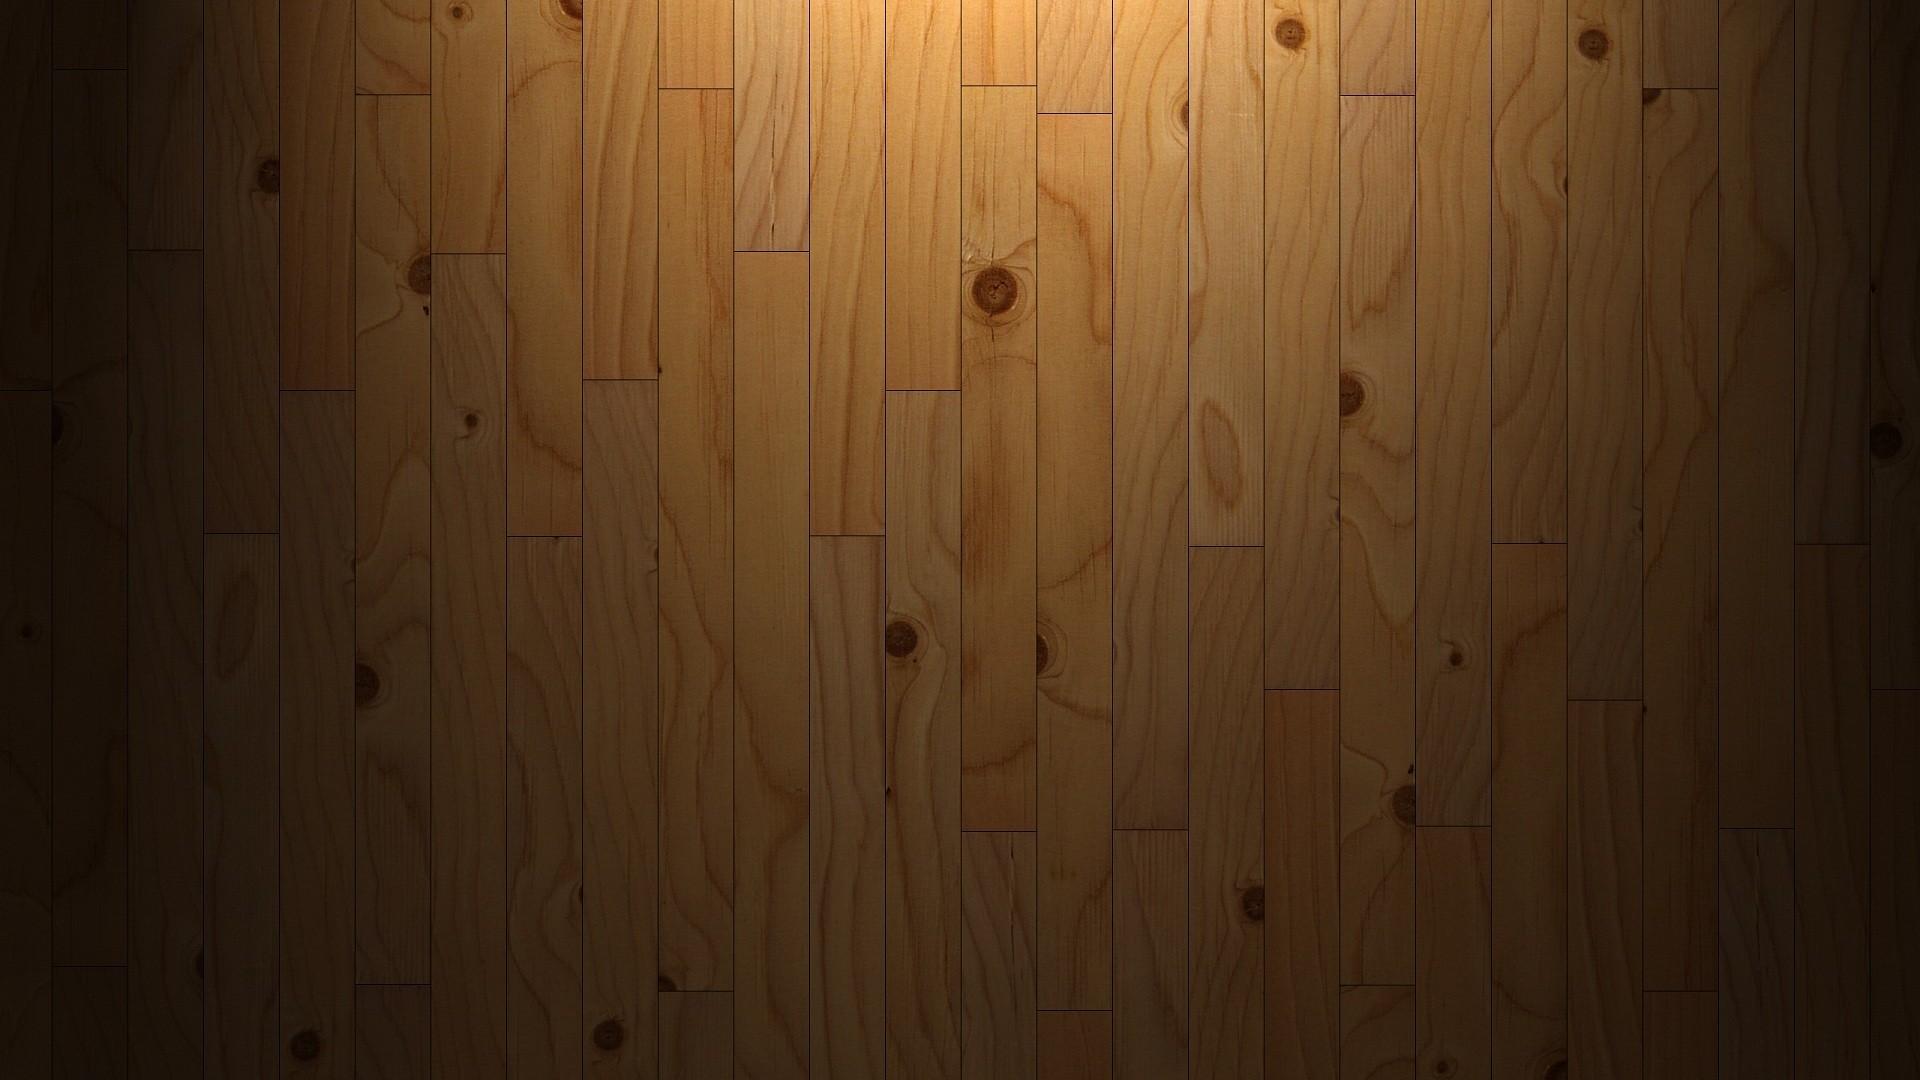 デスクトップ壁紙 壁 木材 テクスチャ ライン 広葉樹 19x1080 Px 床材 木製フローリング 木目 ラミネートフローリング 一般 19x1080 Wallup デスクトップ壁紙 Wallhere